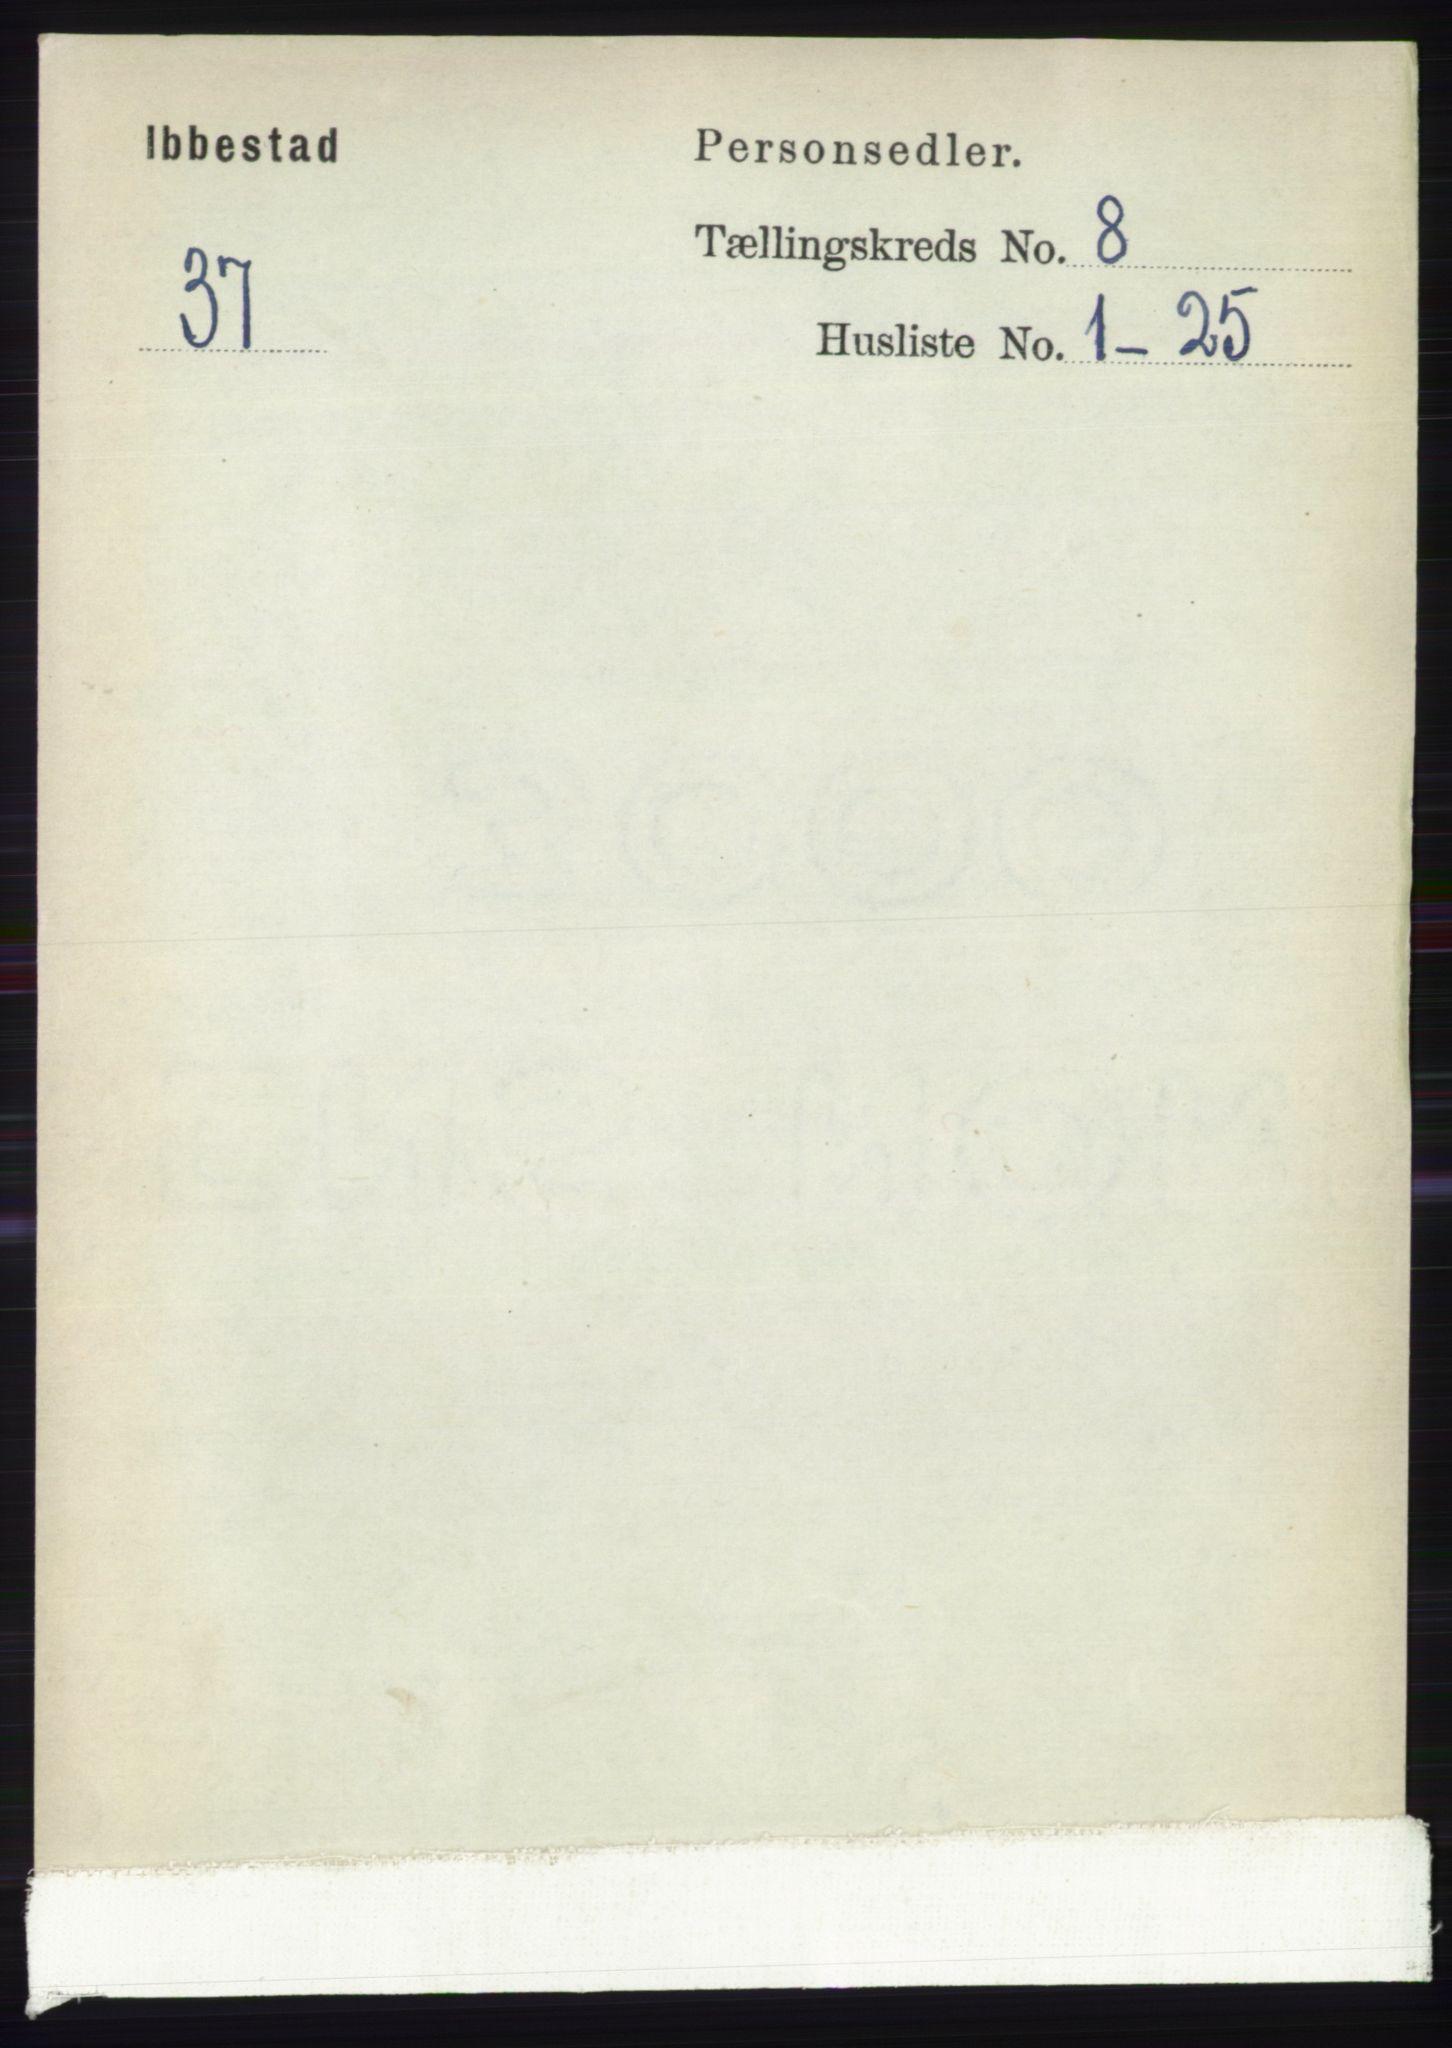 RA, Folketelling 1891 for 1917 Ibestad herred, 1891, s. 5238